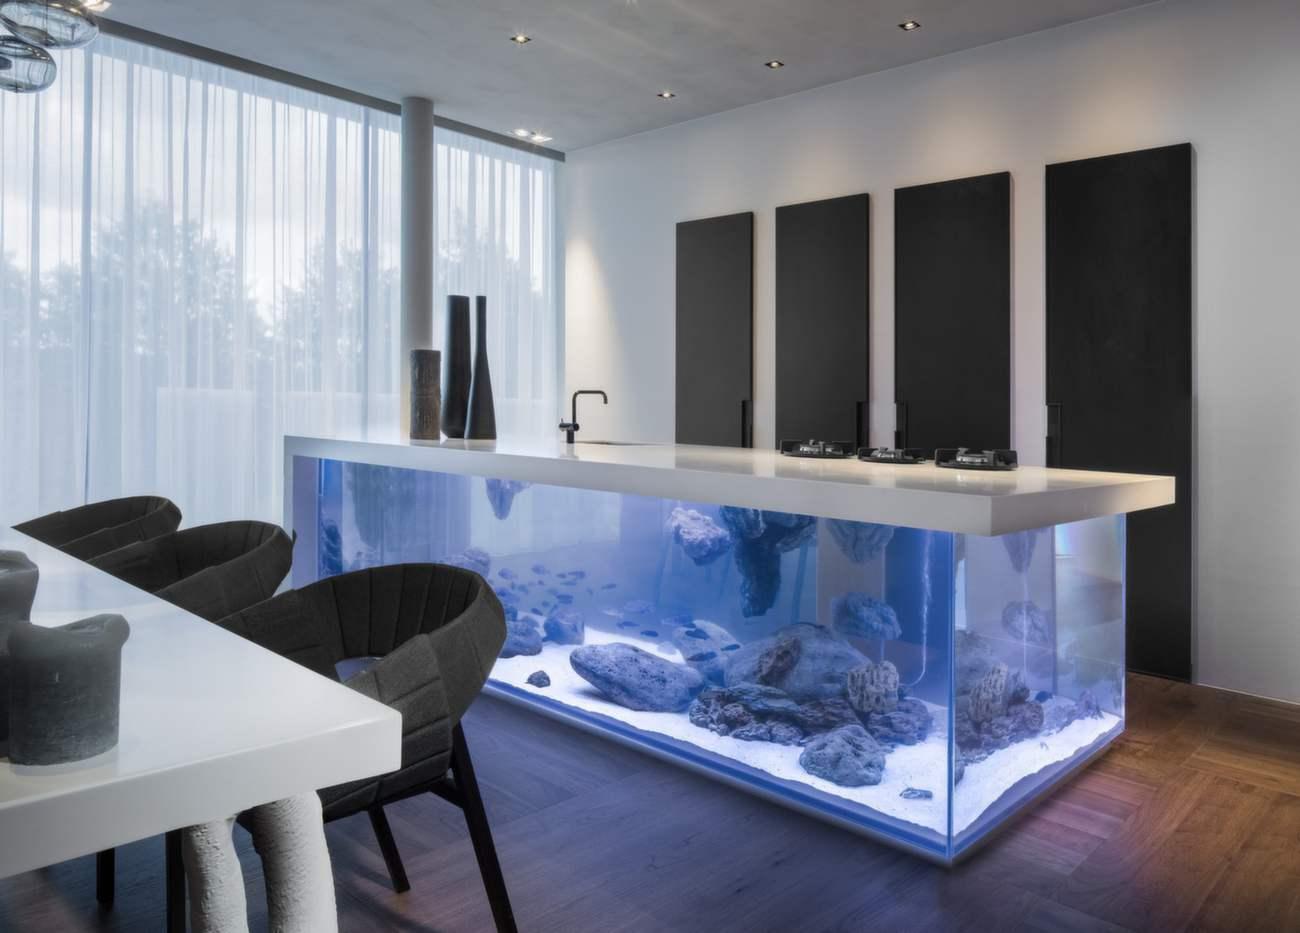 Dusch med ett inbyggt akvarium